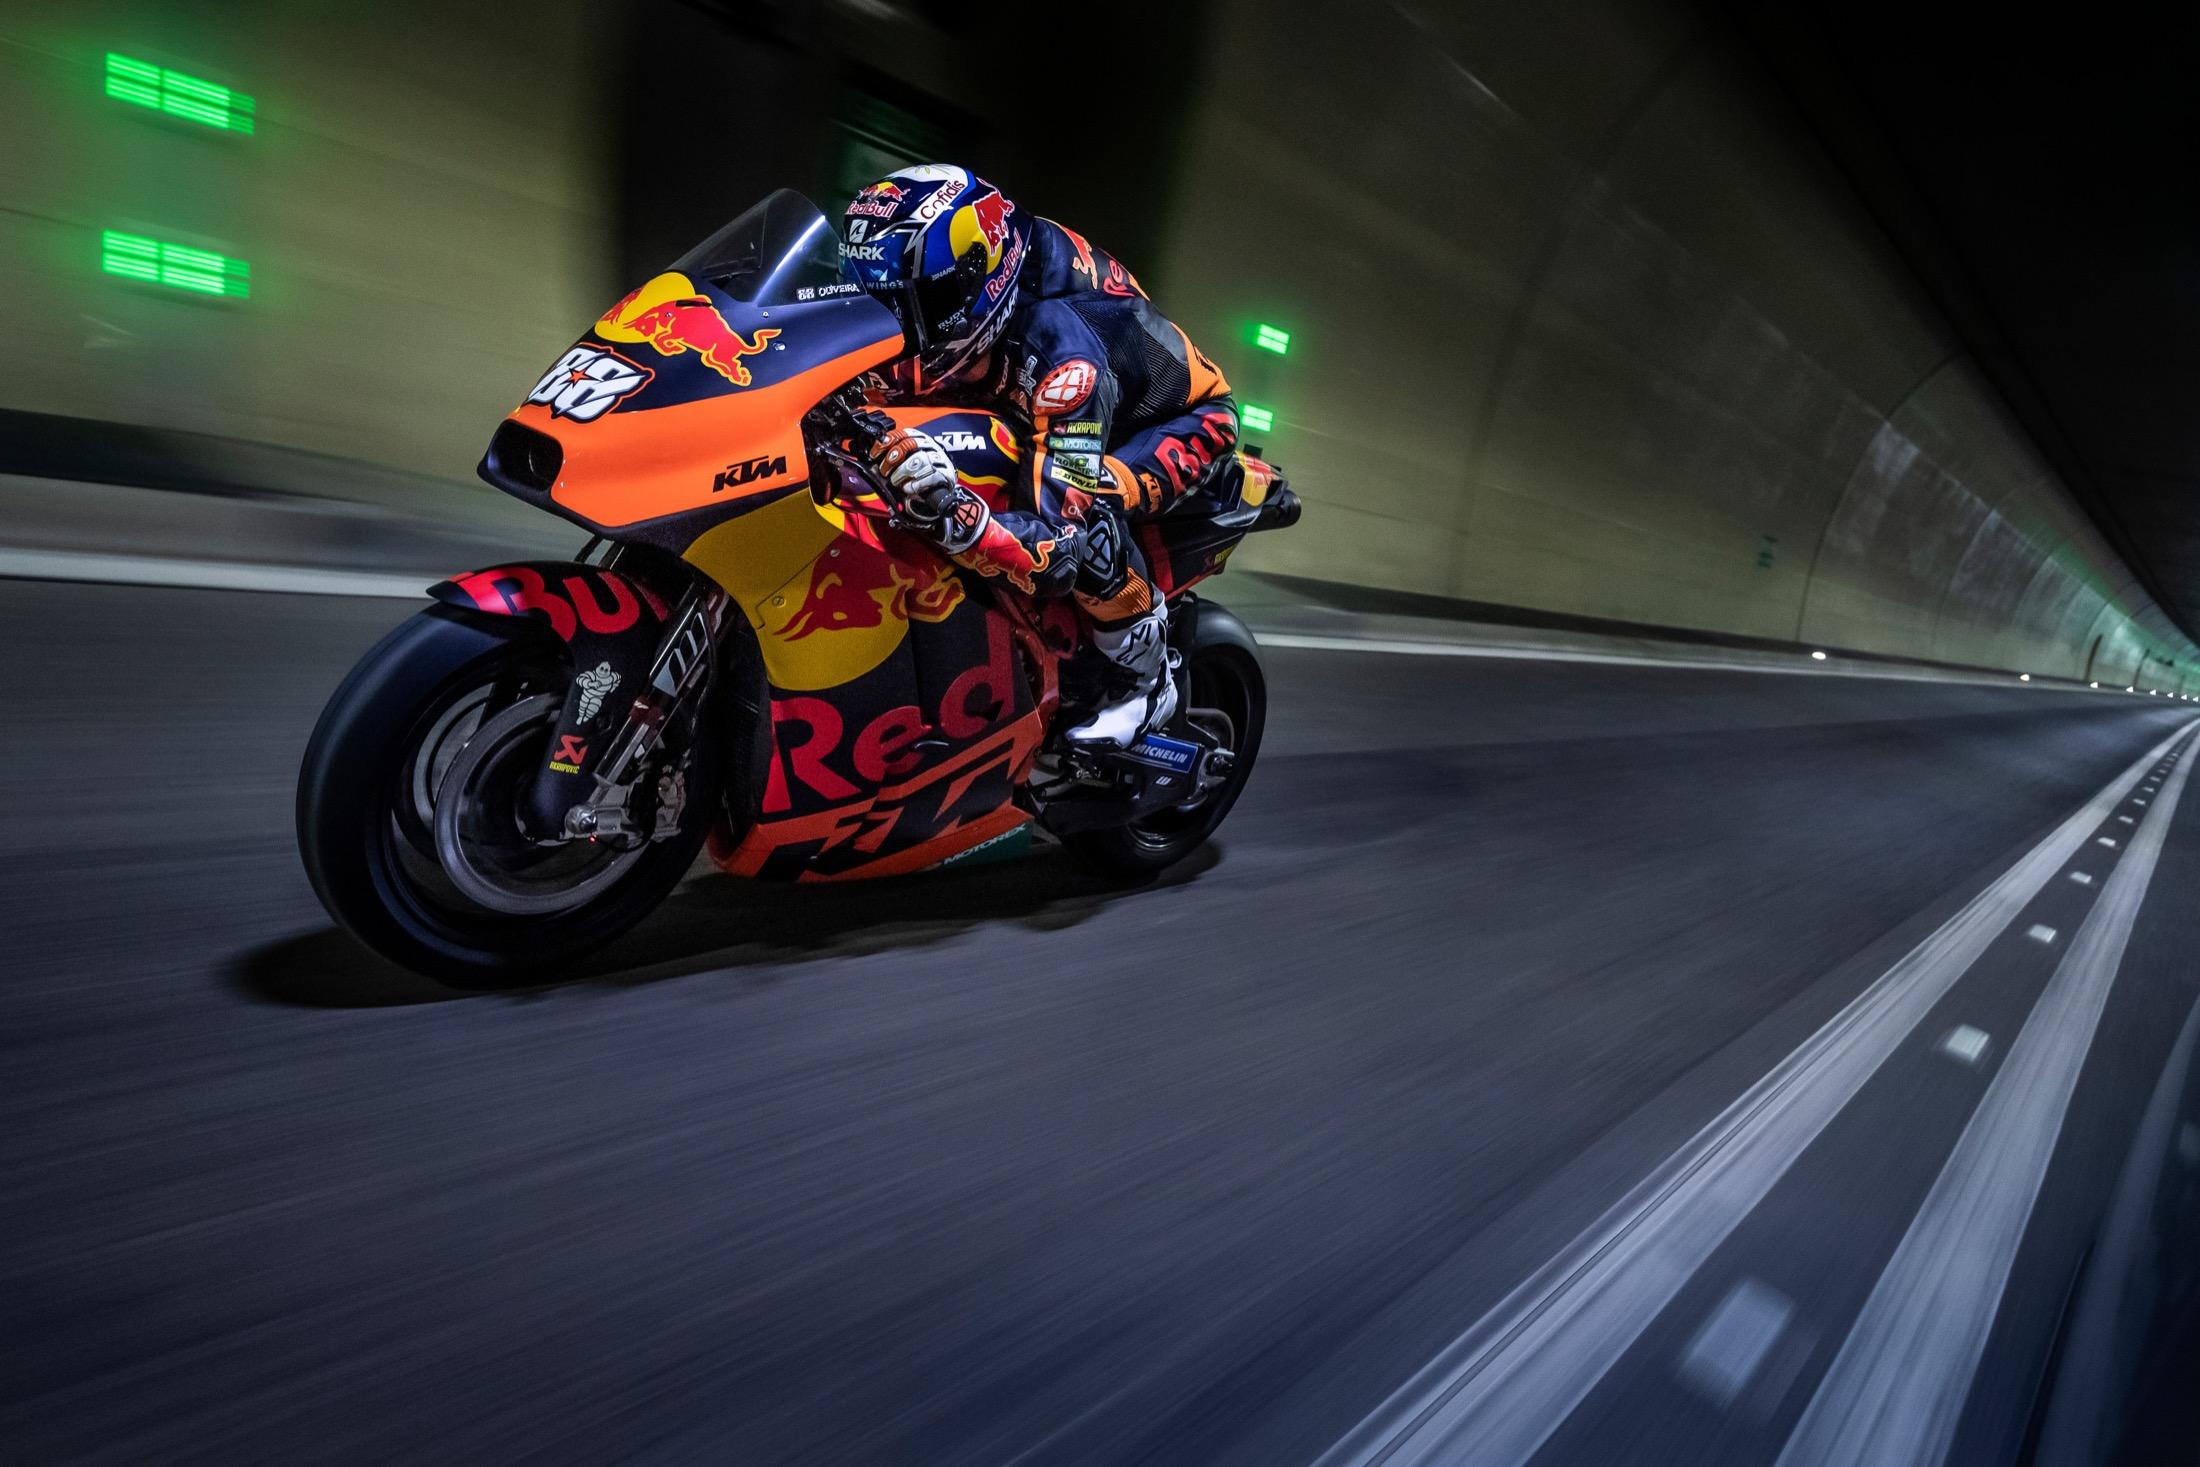 Un túnel cerrado al tráfico y la KTM RC16 de MotoGP, pocas veces se ve y oye algo parecido